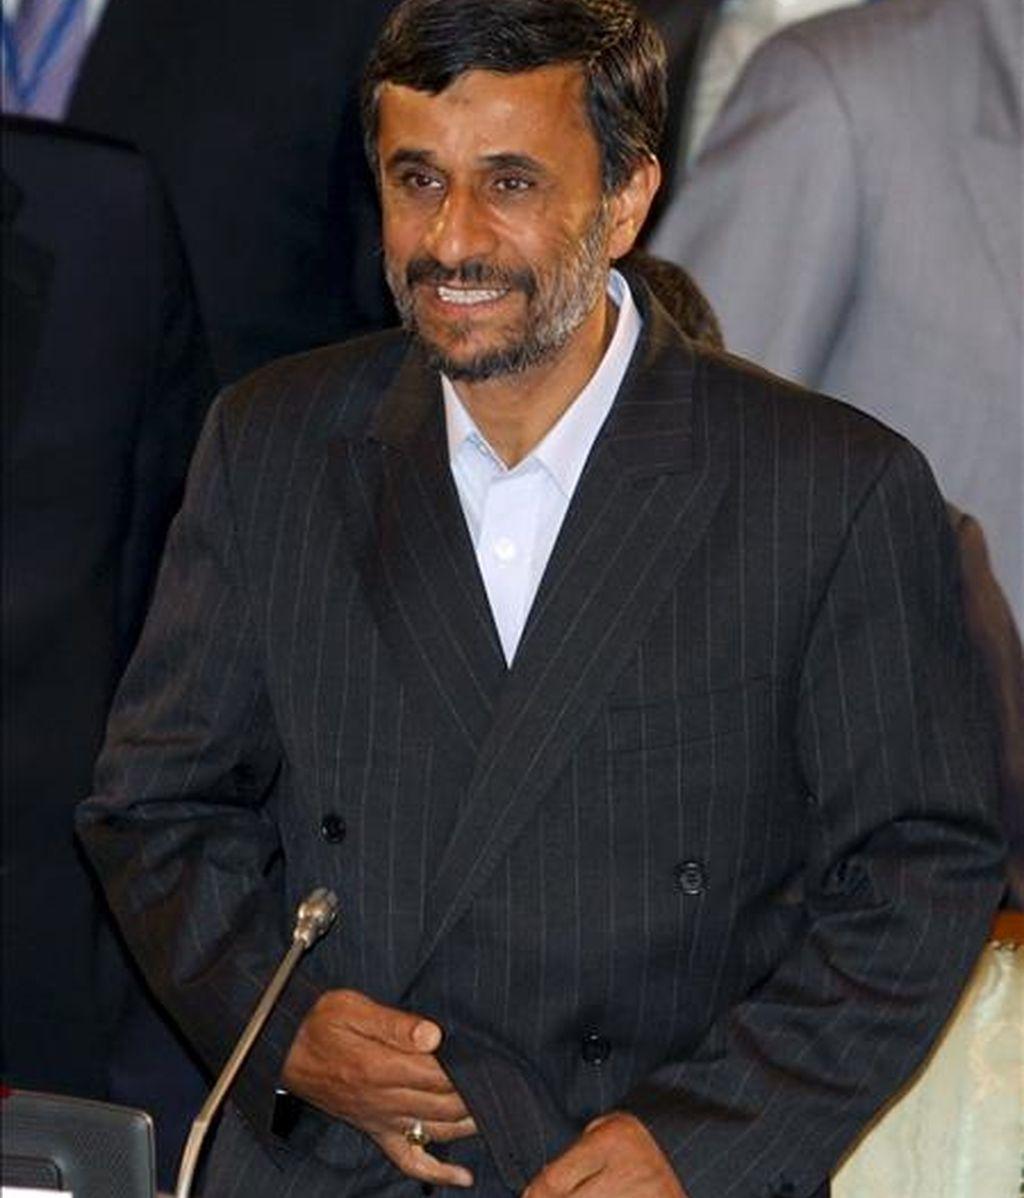 El presidente de Irán, Mahmud Ahmadineyad, durante la segunda jornada de la reunión de la Organización de Cooperación de Shangai (SCO) que se celebró en Yekaterimburgo, Rusia, hoy martes 16 de junio. EFE